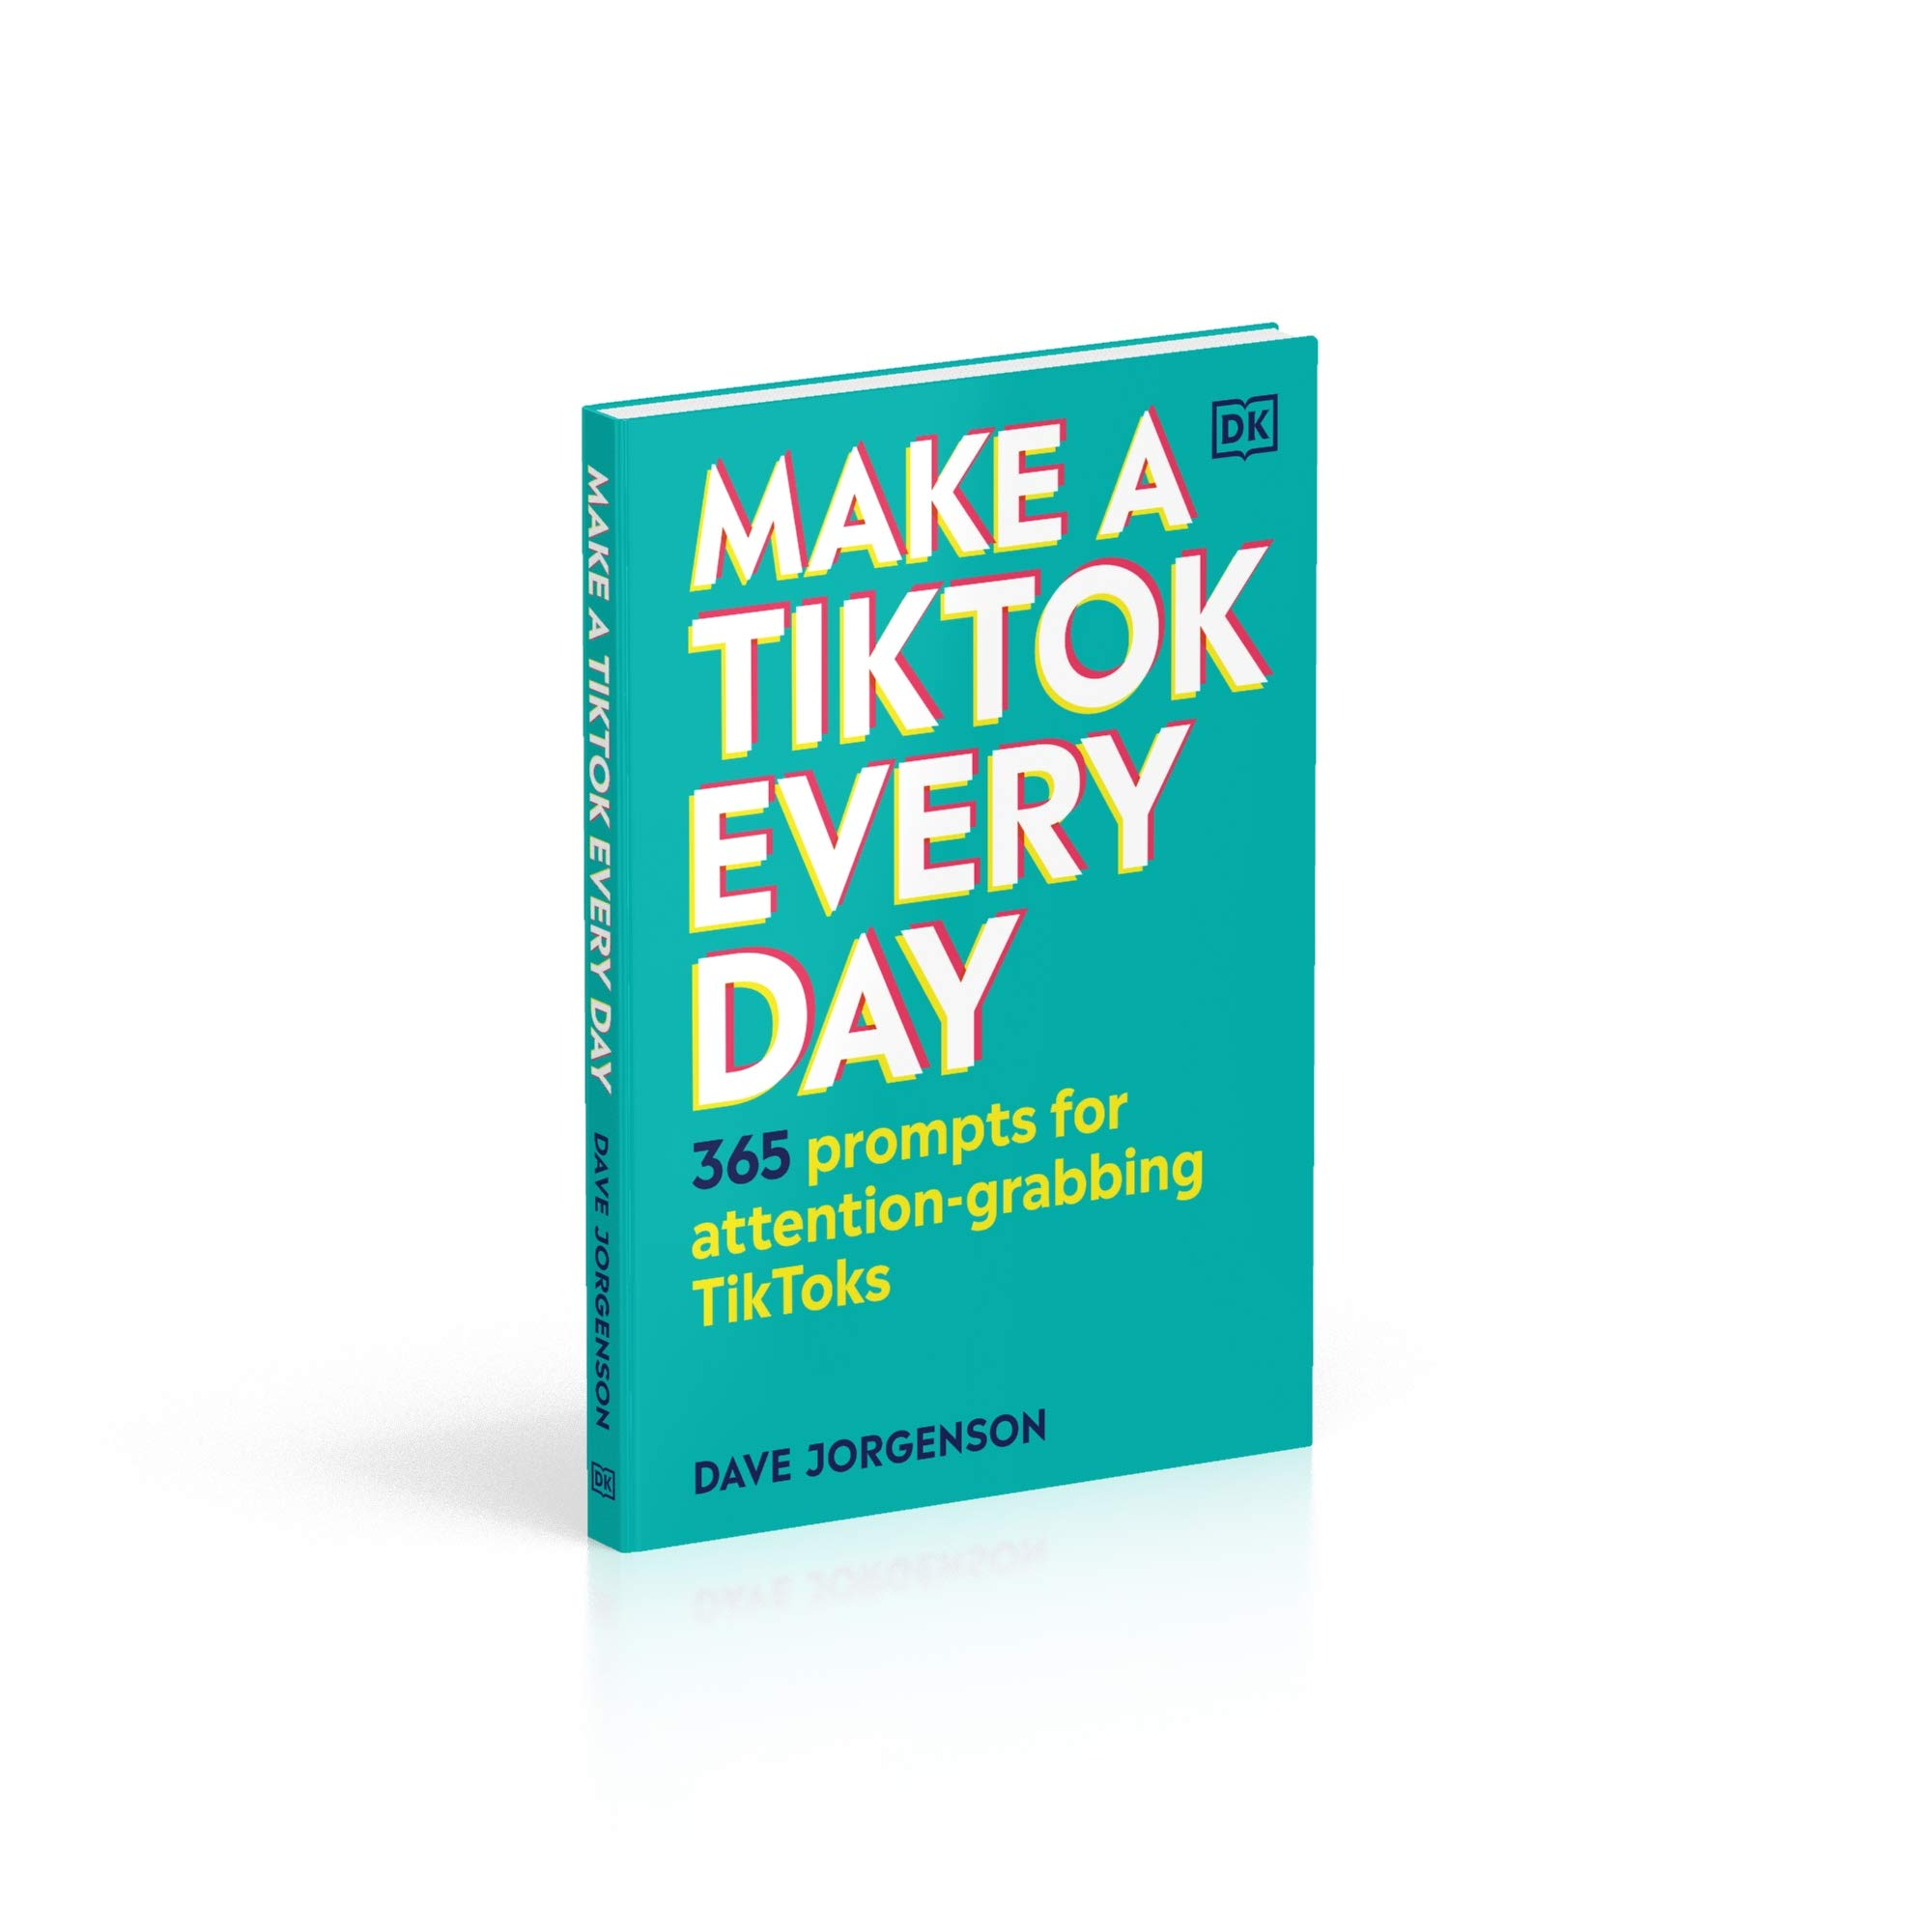 Grow Your TikTok